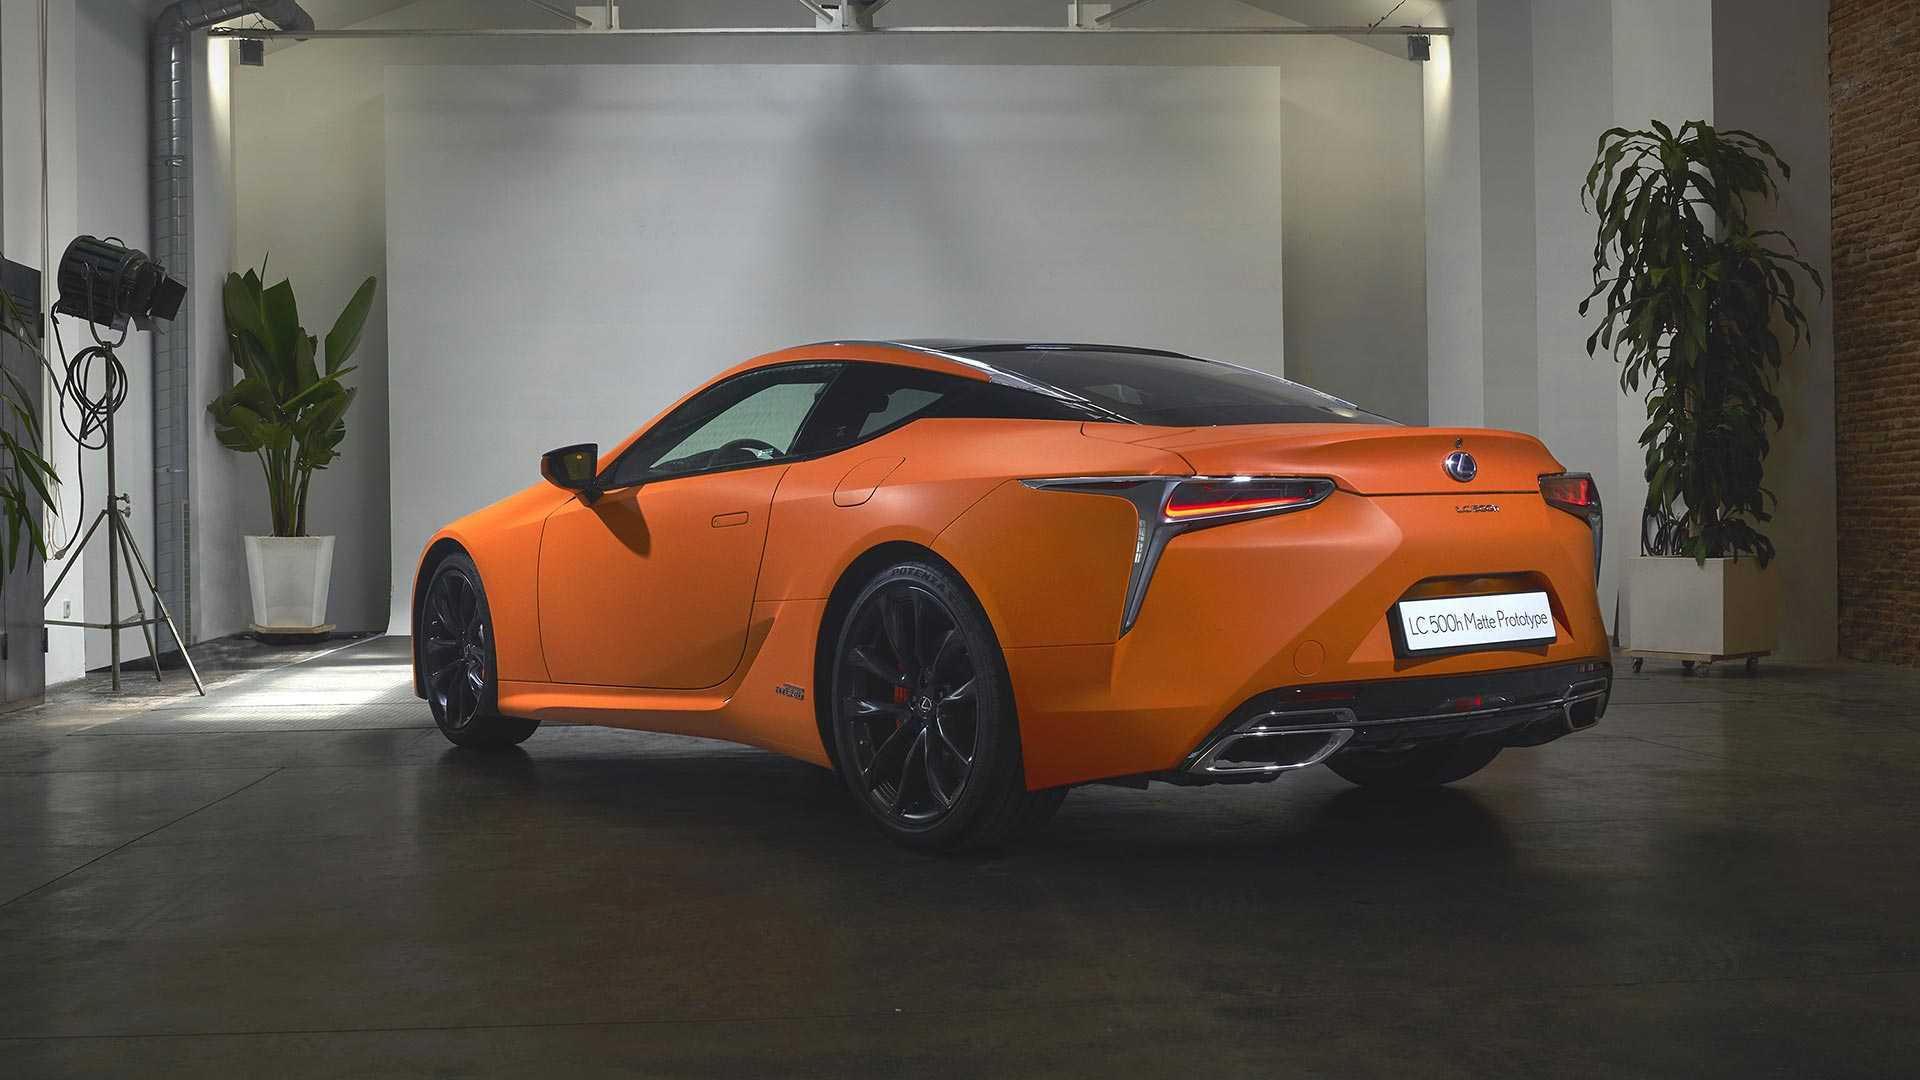 Lexus LC 500h Orange Prototype